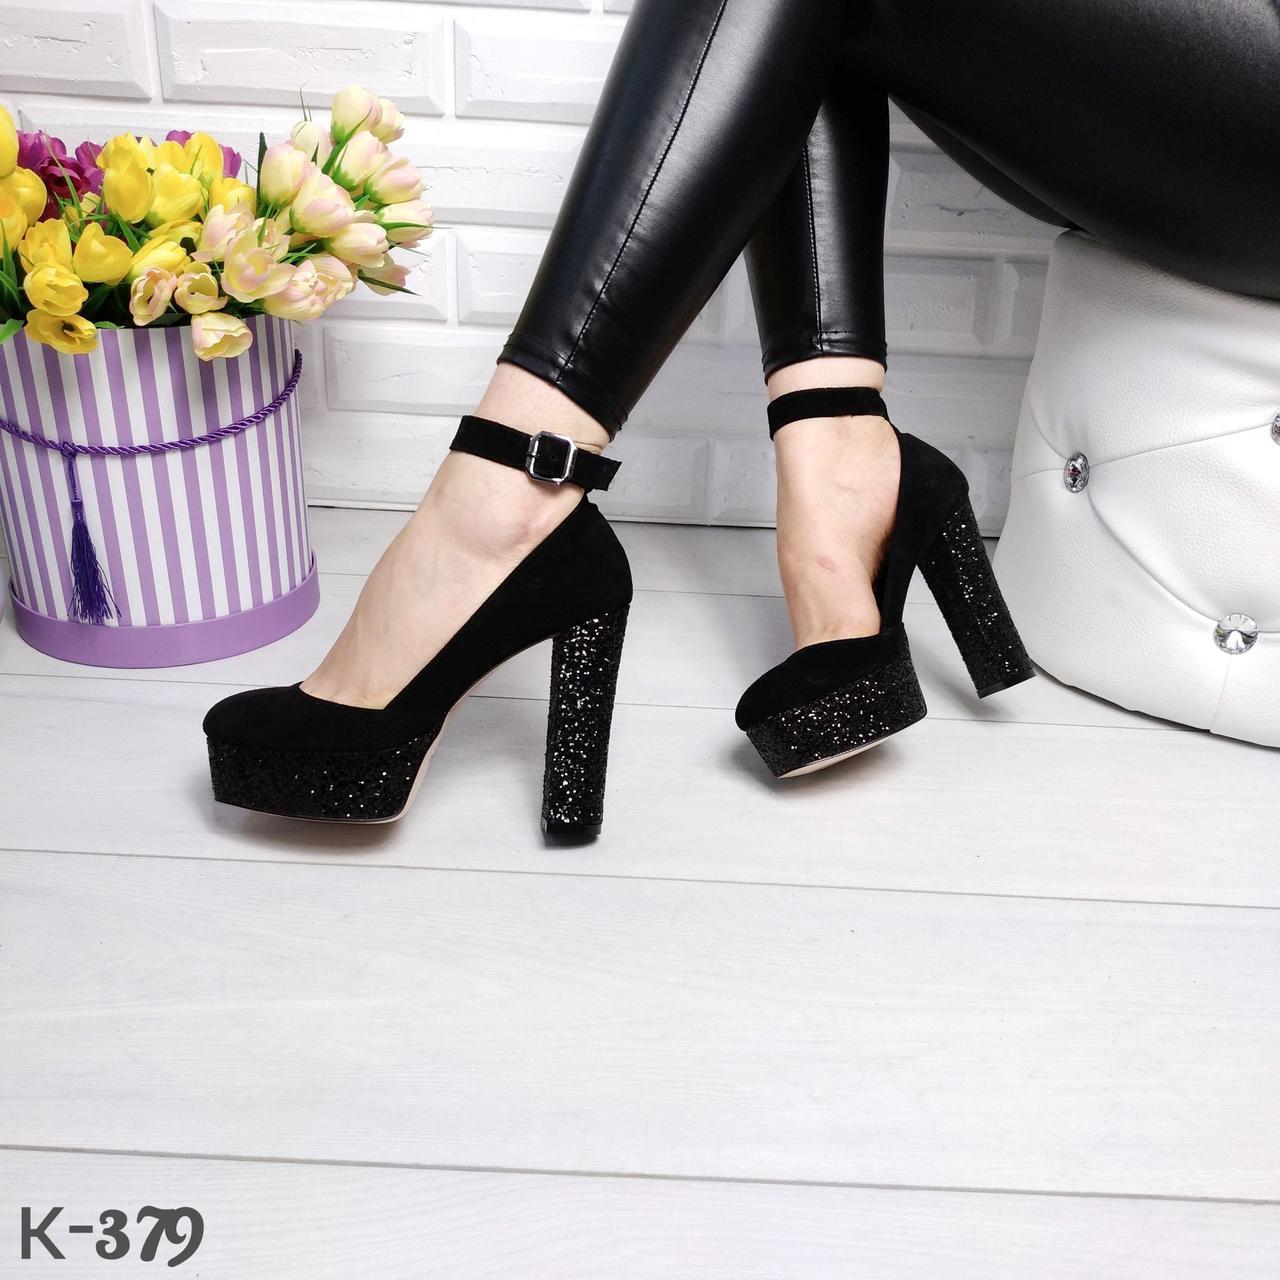 600860e46 Черные замшевые туфли на платформе с ремешком на блестящем каблуке -